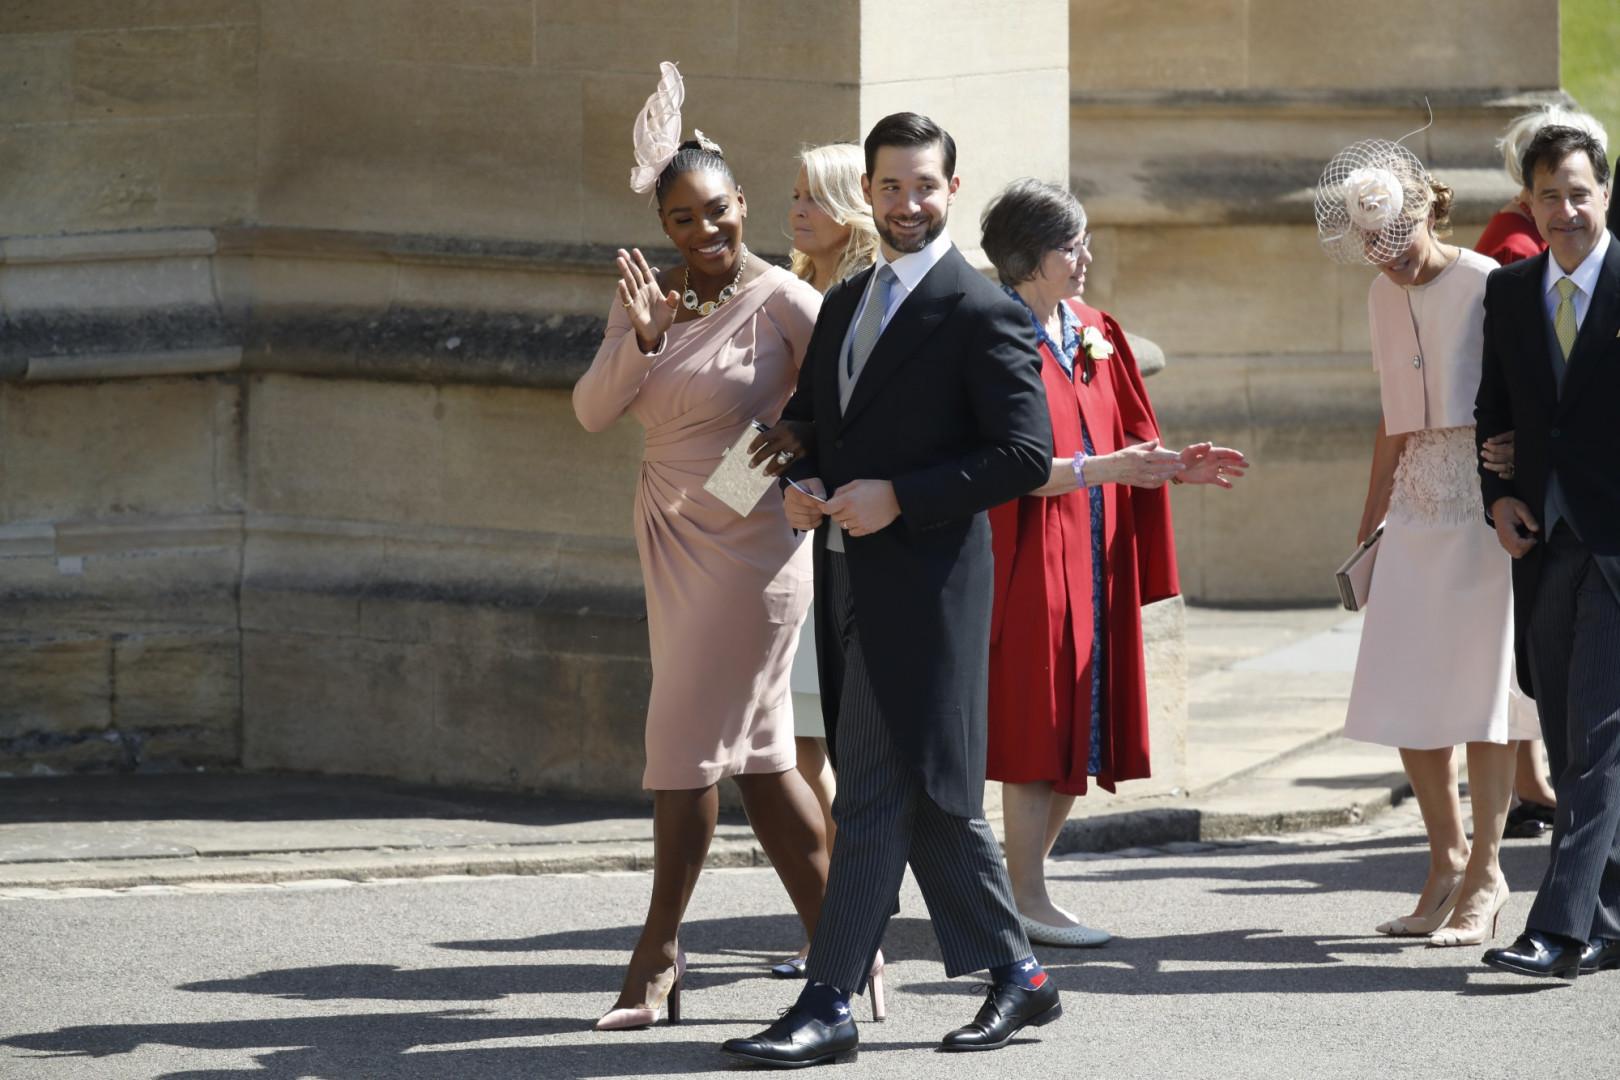 Les amis de Meghan Markle, la championne de tennis Serena Williams et son époux, Alexis Ohanian